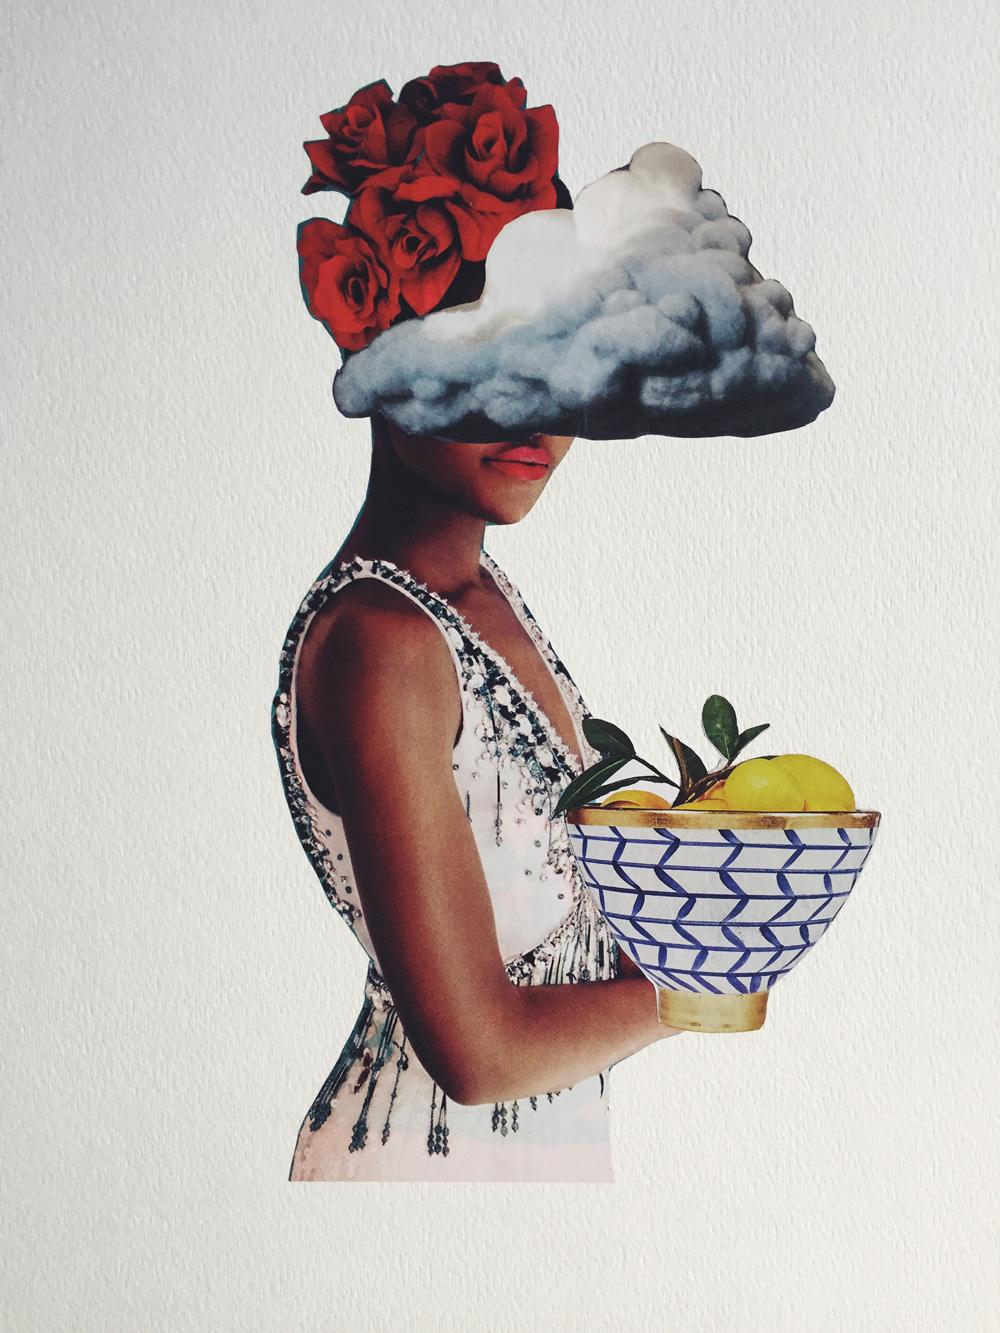 I+was+served+lemons+but+I+made+lemonade_crop.jpg